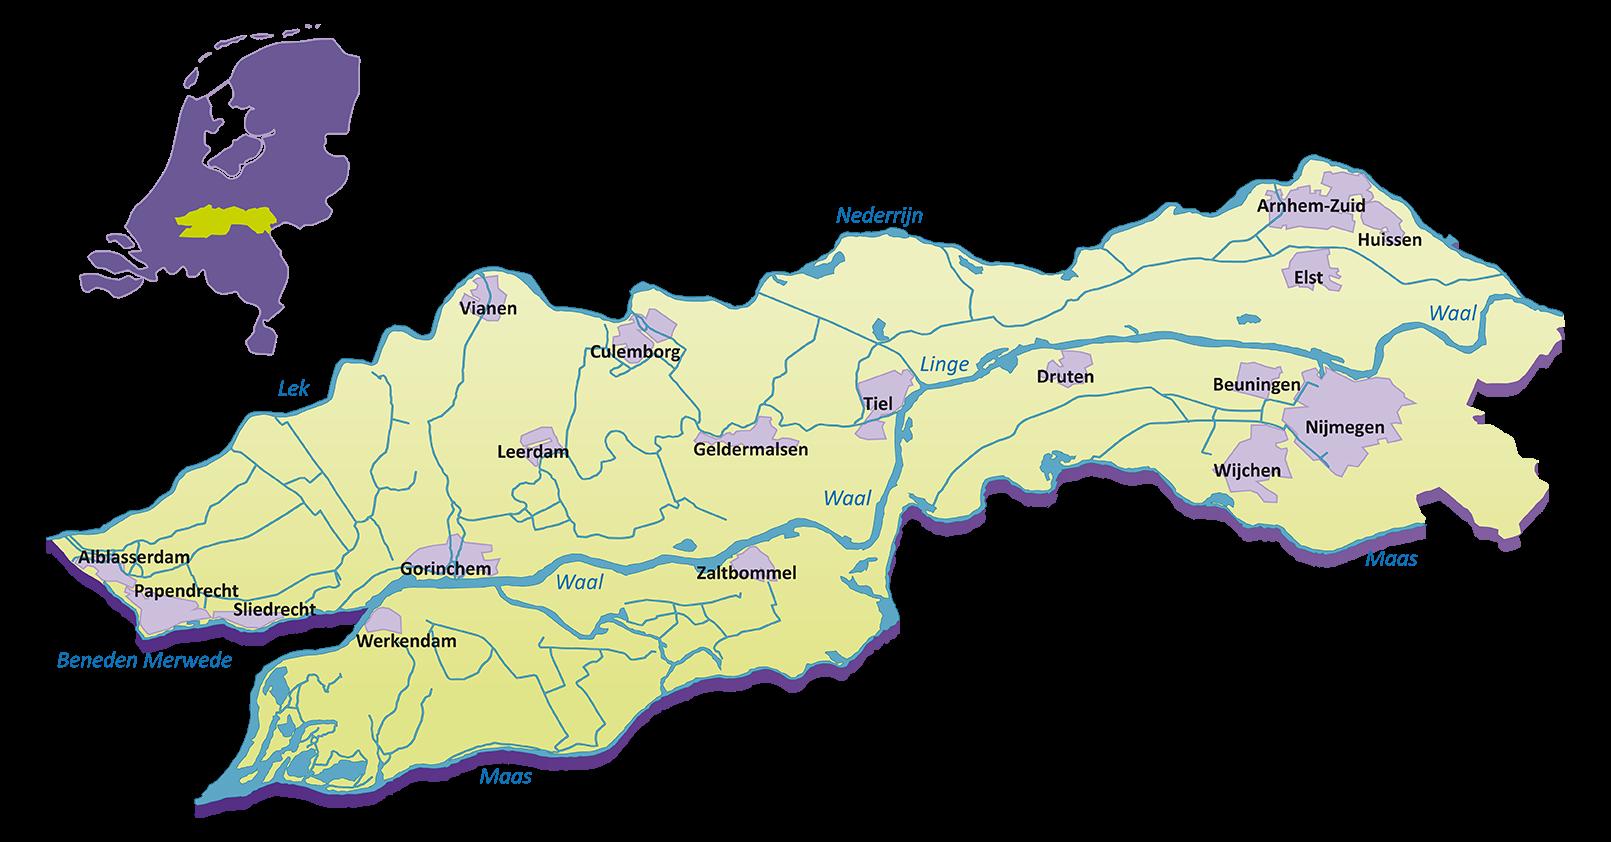 Afbeeldingsresultaat voor rivierenland kaart